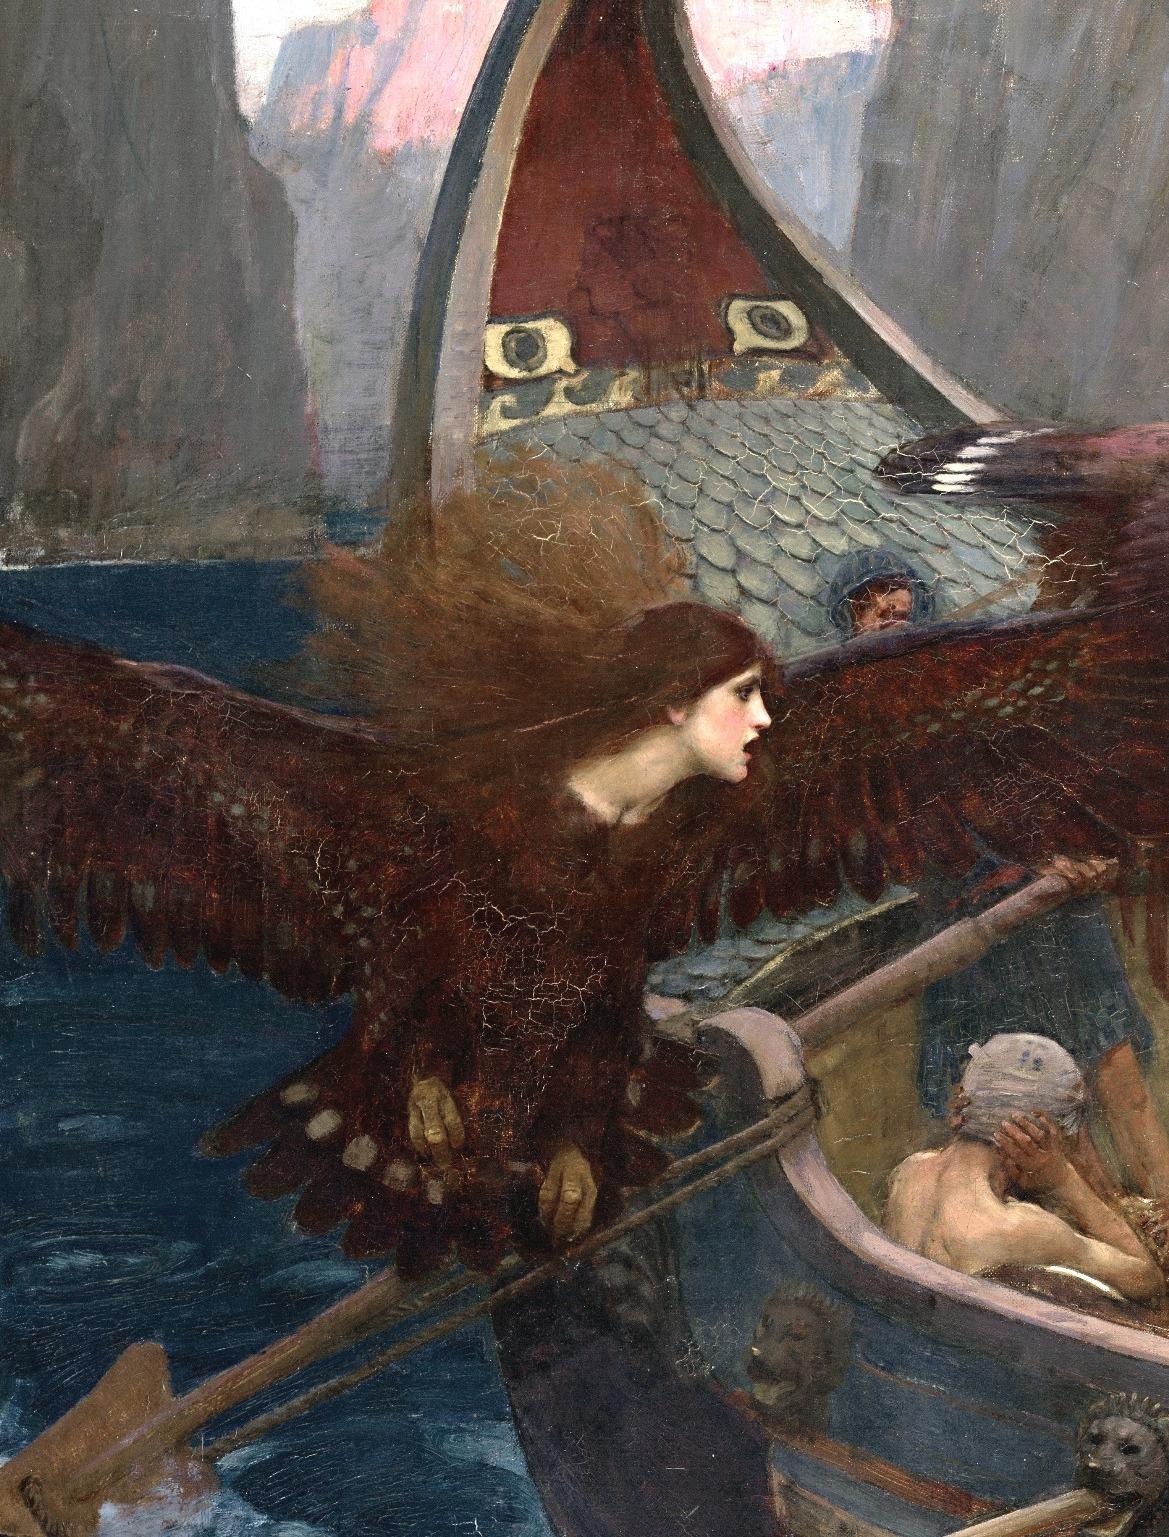 мифология сирены с картинками сложно найти